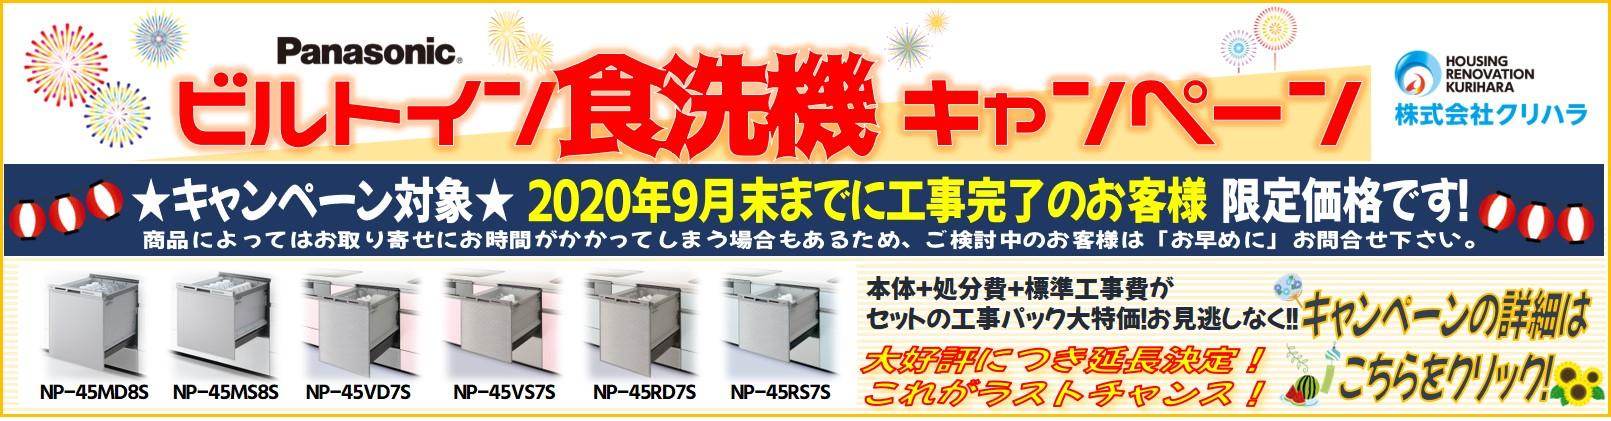 Panasonic ビルトイン食洗機キャンペーン♪